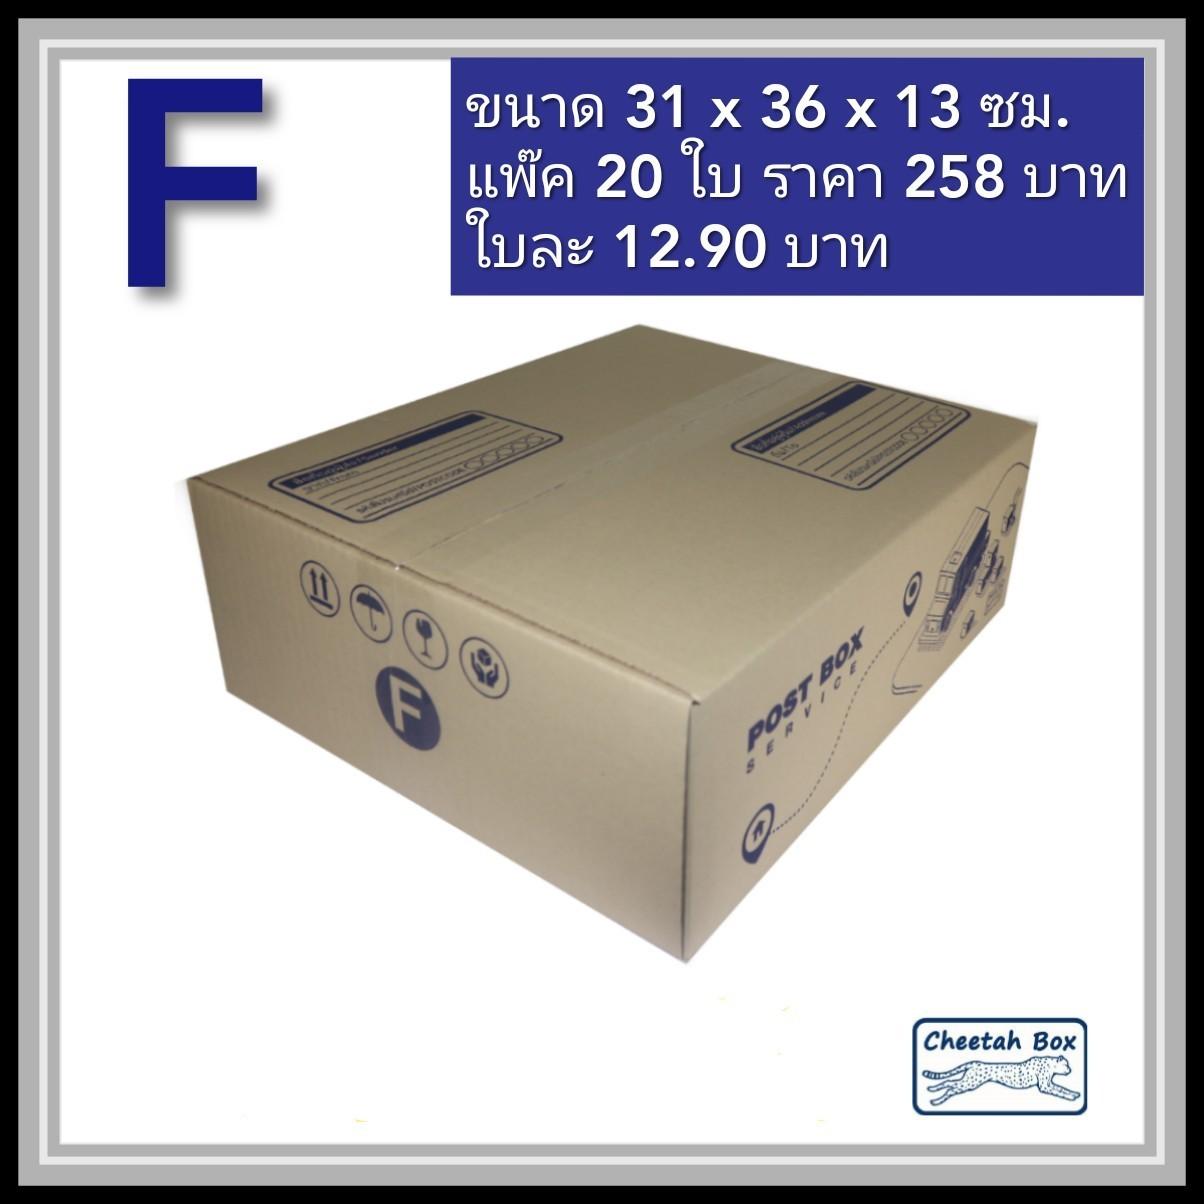 กล่องไปรษณีย์ F (Cheetah Box ขนาด 31*36*13 CM)